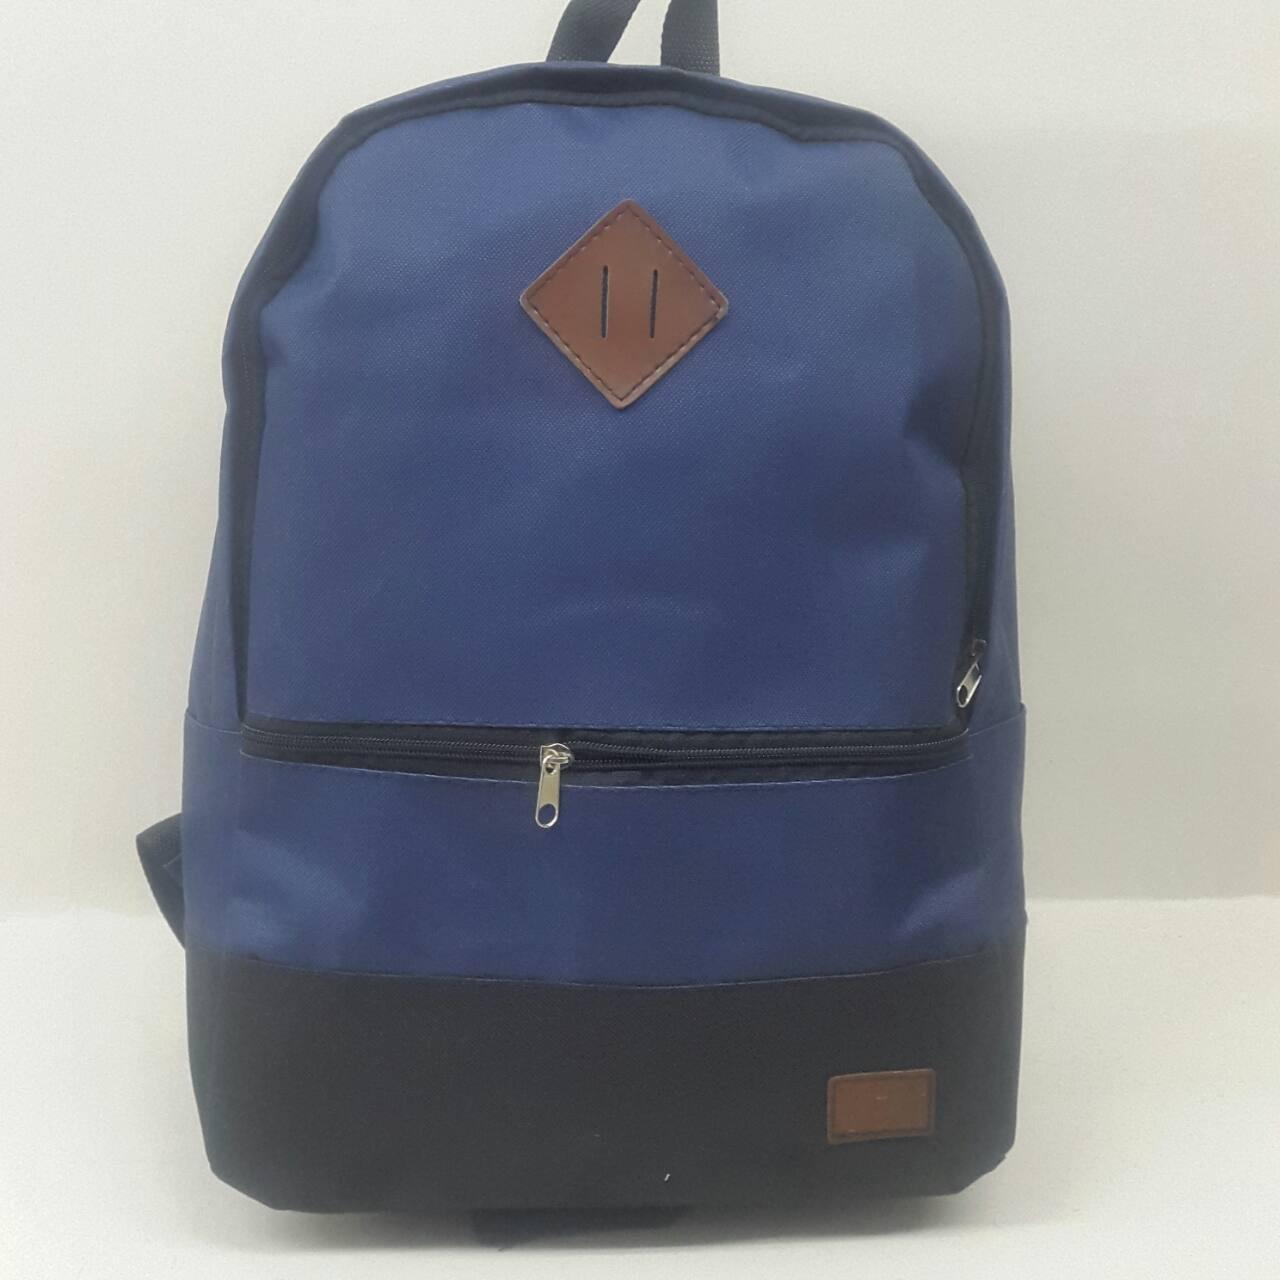 Интернет магазин харьков рюкзаки anna luchini рюкзак